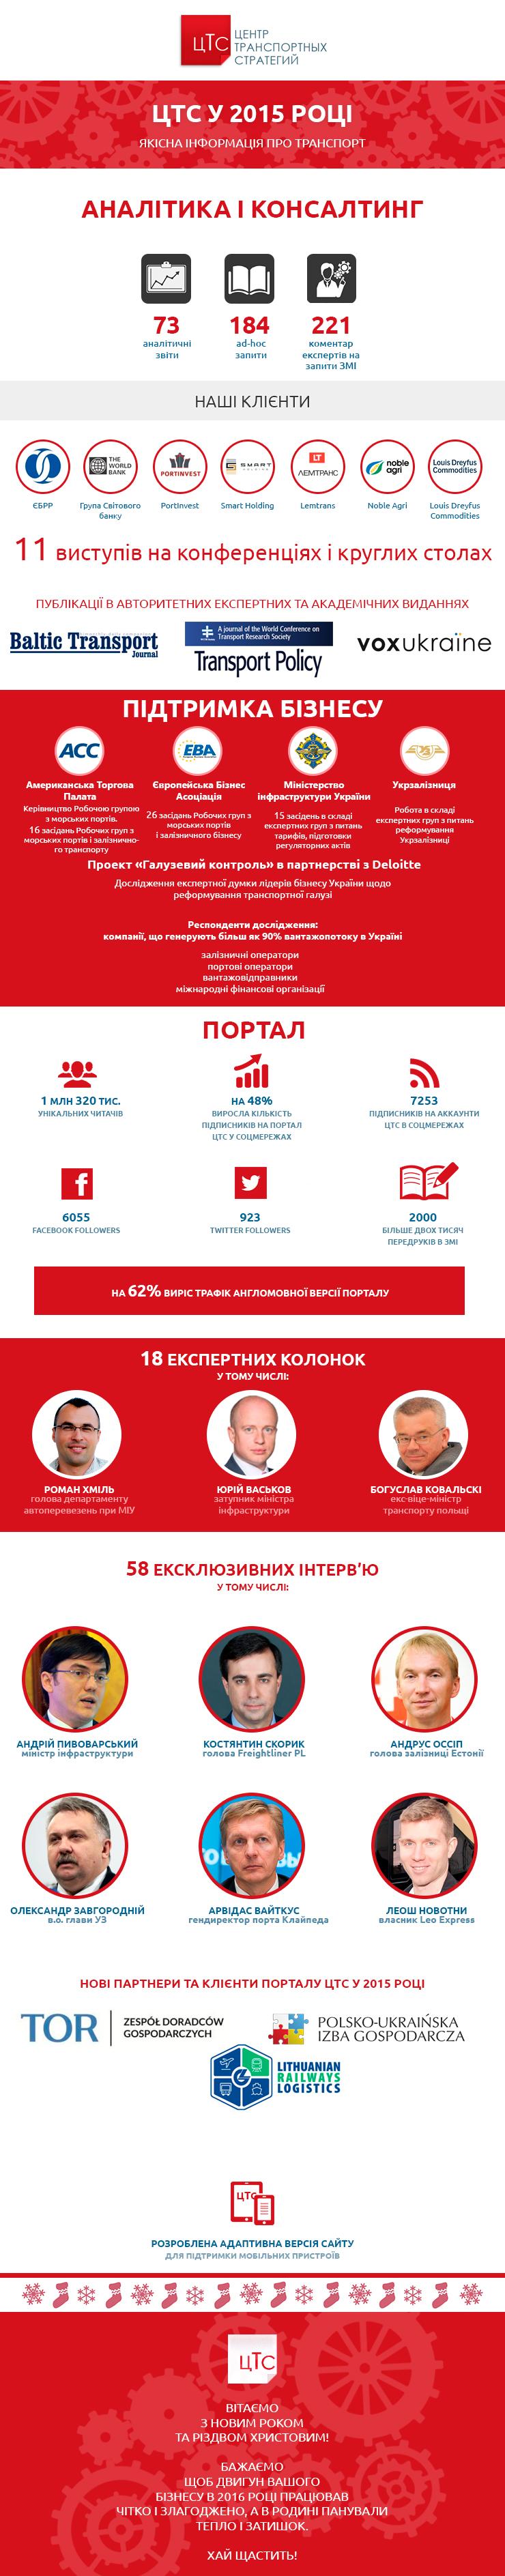 Годовой отчет ЦТС за 2015 год в иллюстрациях